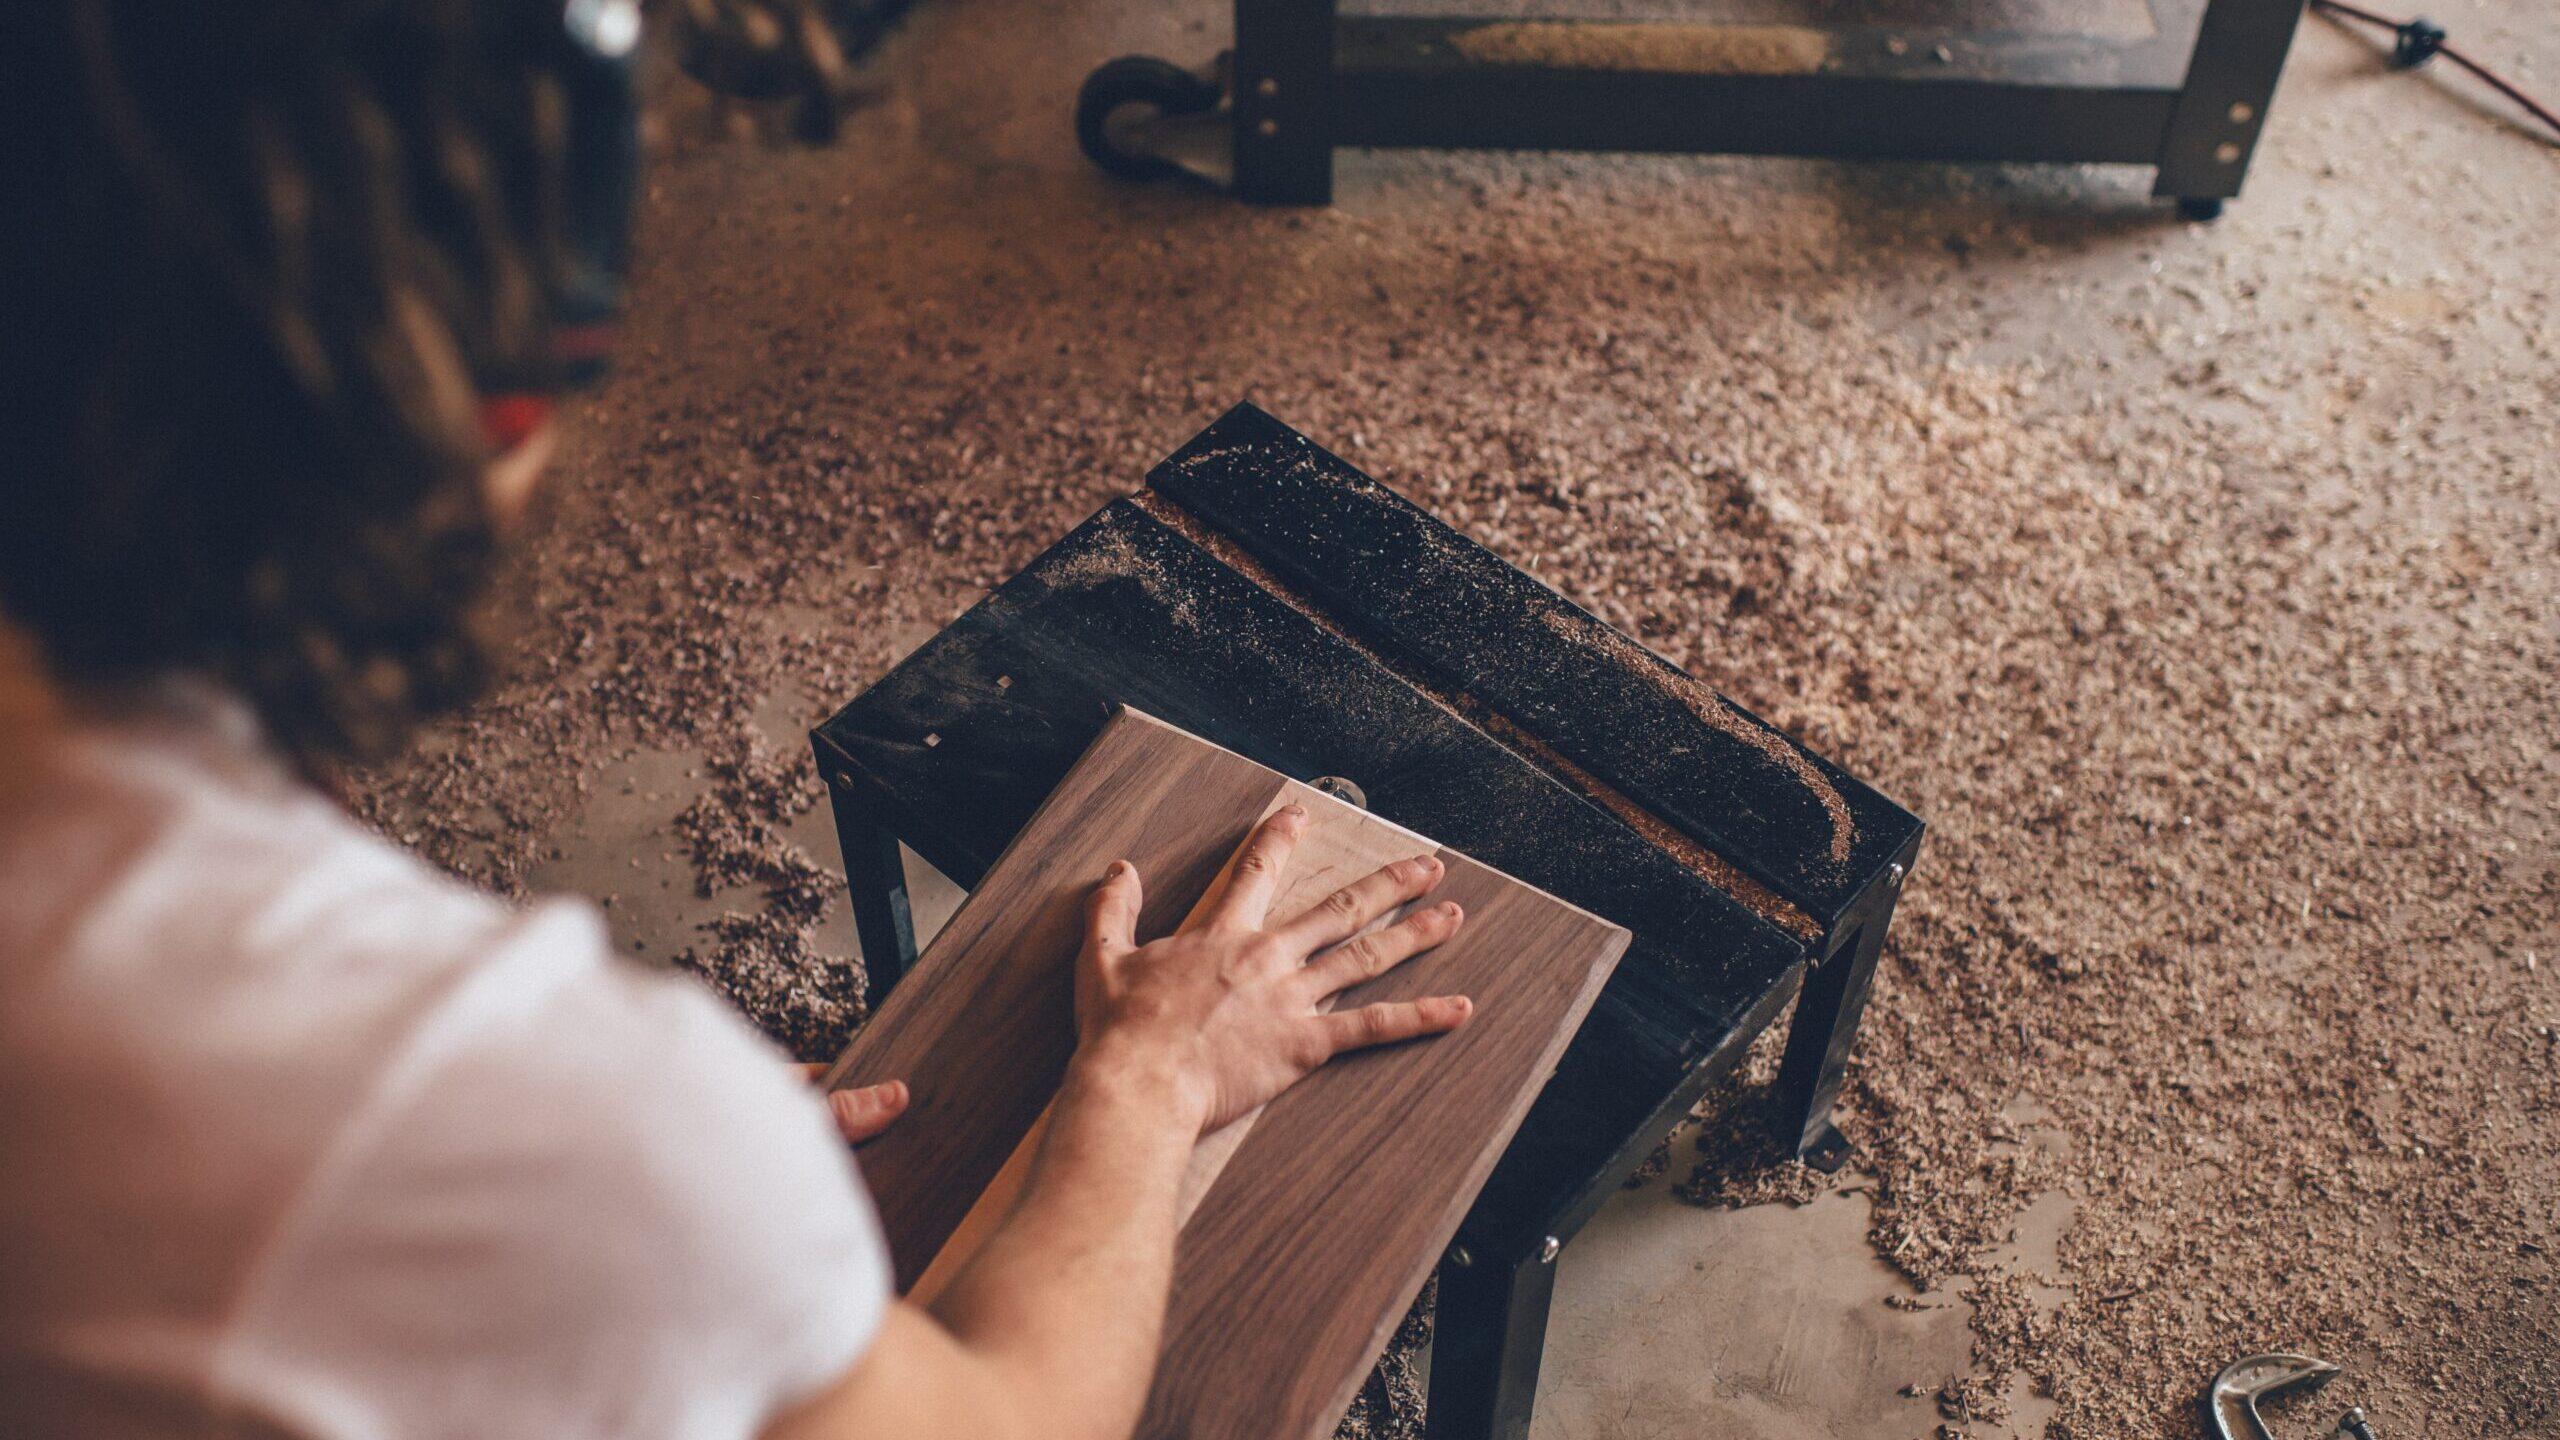 Carpinteros se adaptan a los tiempos sin perder su arte